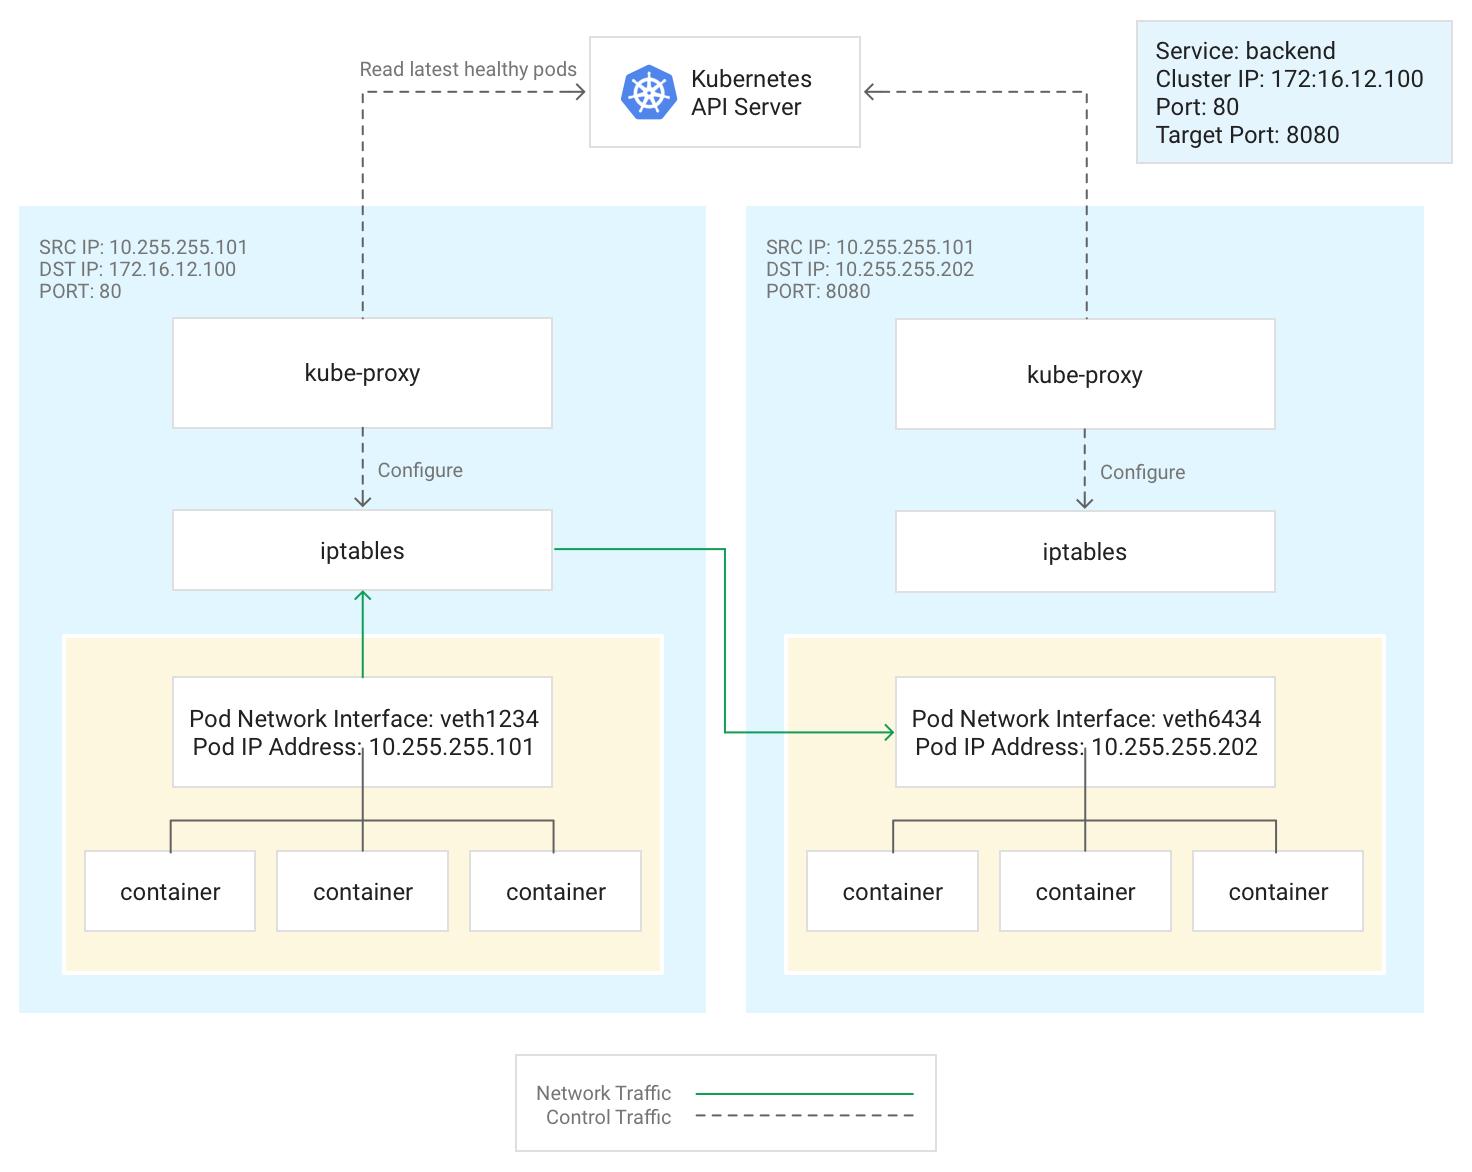 前の段落で説明されている、Service に接続し、Pod にルーティングされるクライアントを示す図